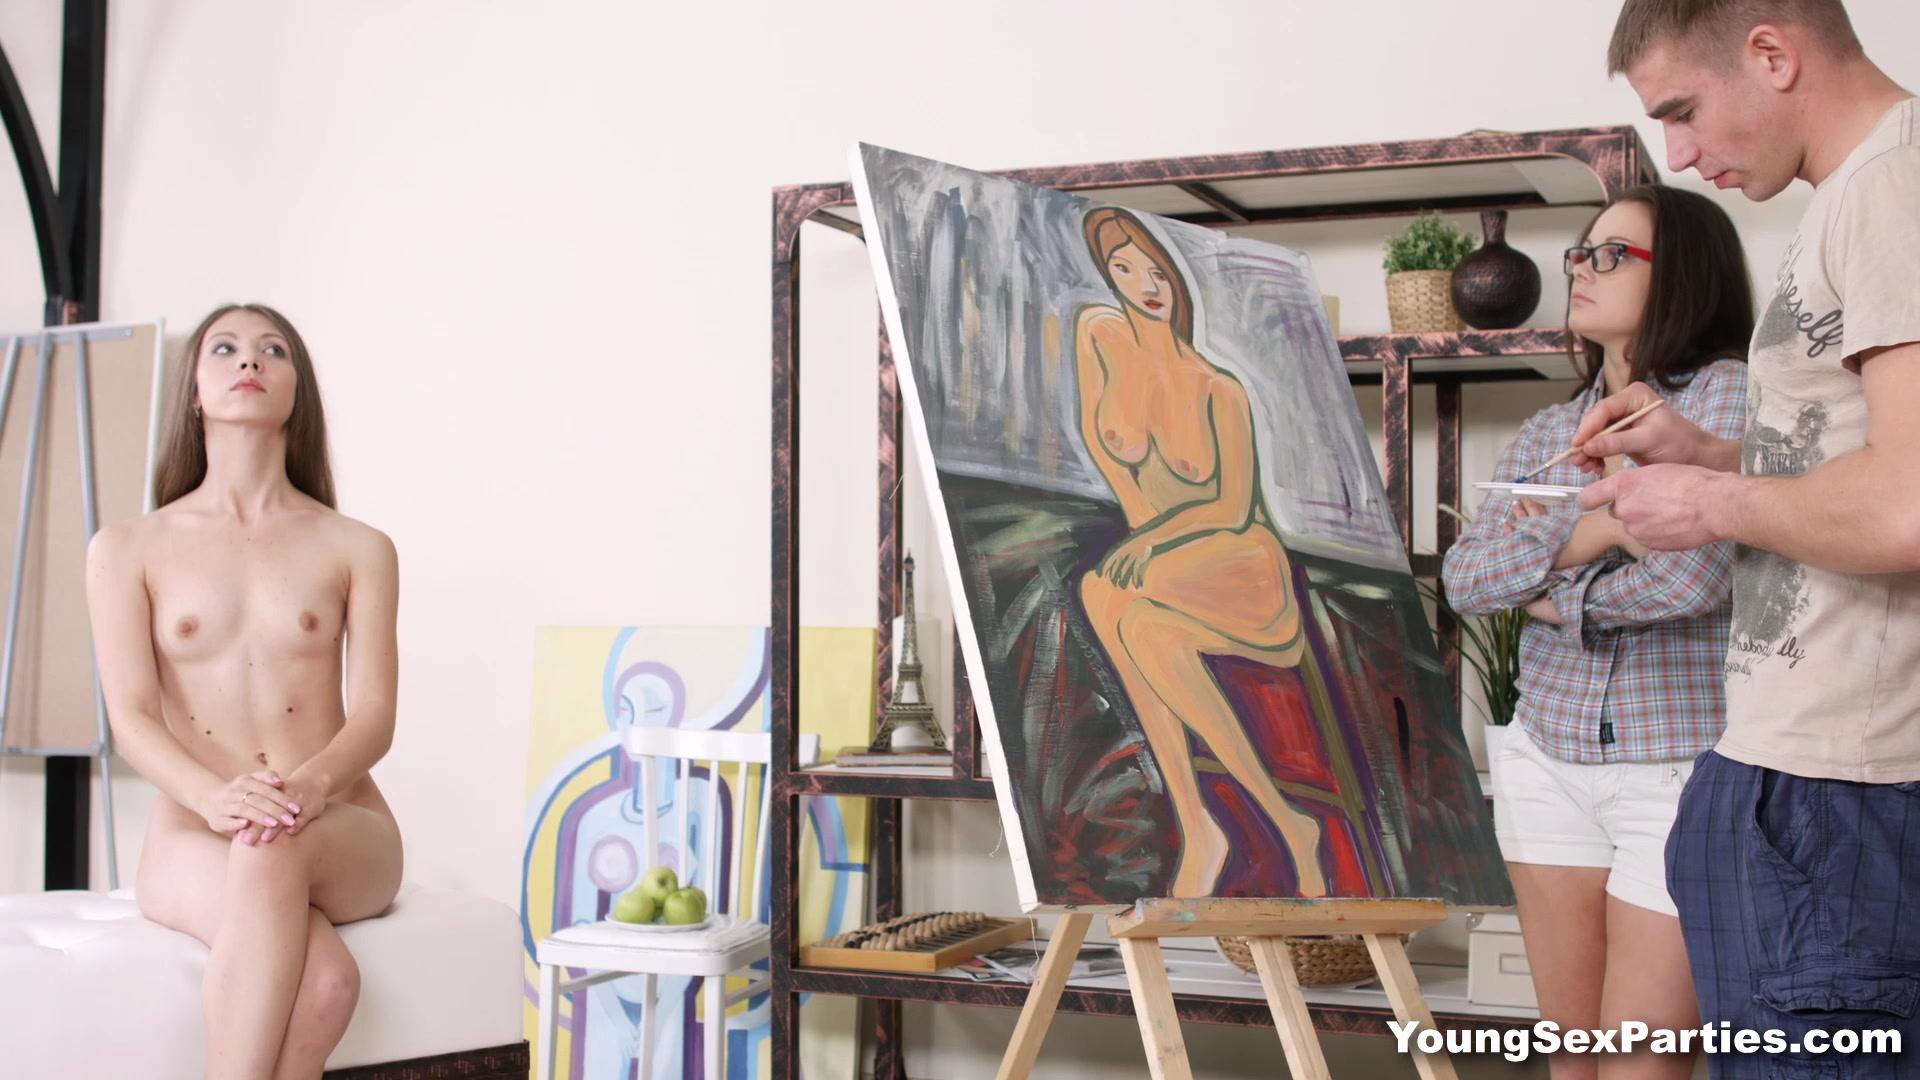 Порно про натурщиц и художников